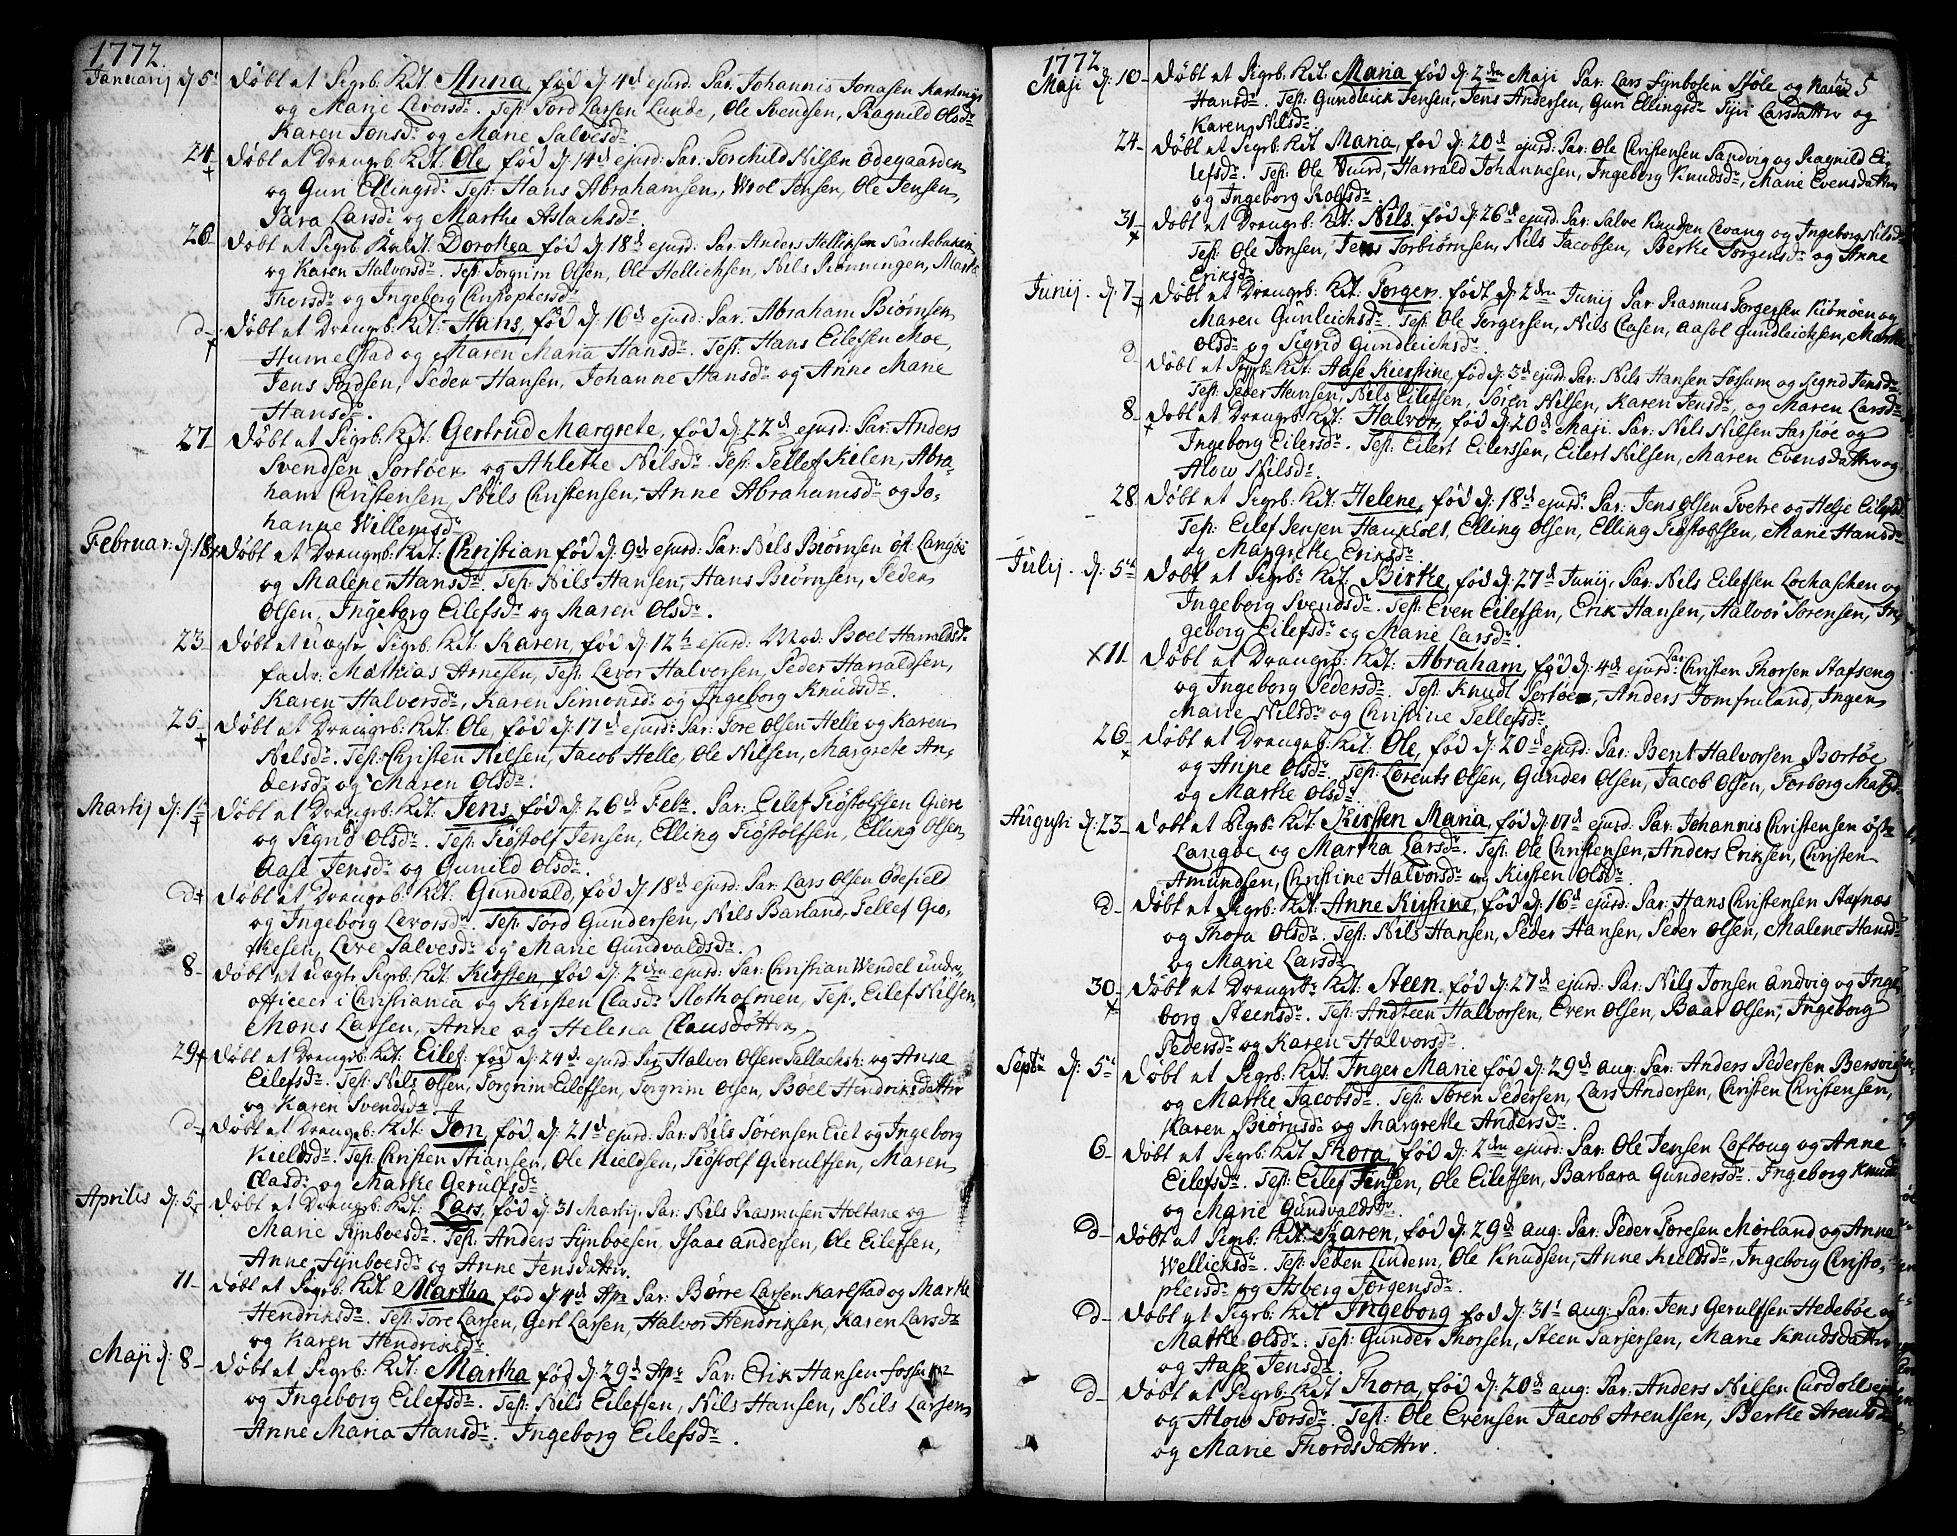 SAKO, Sannidal kirkebøker, F/Fa/L0002: Ministerialbok nr. 2, 1767-1802, s. 35